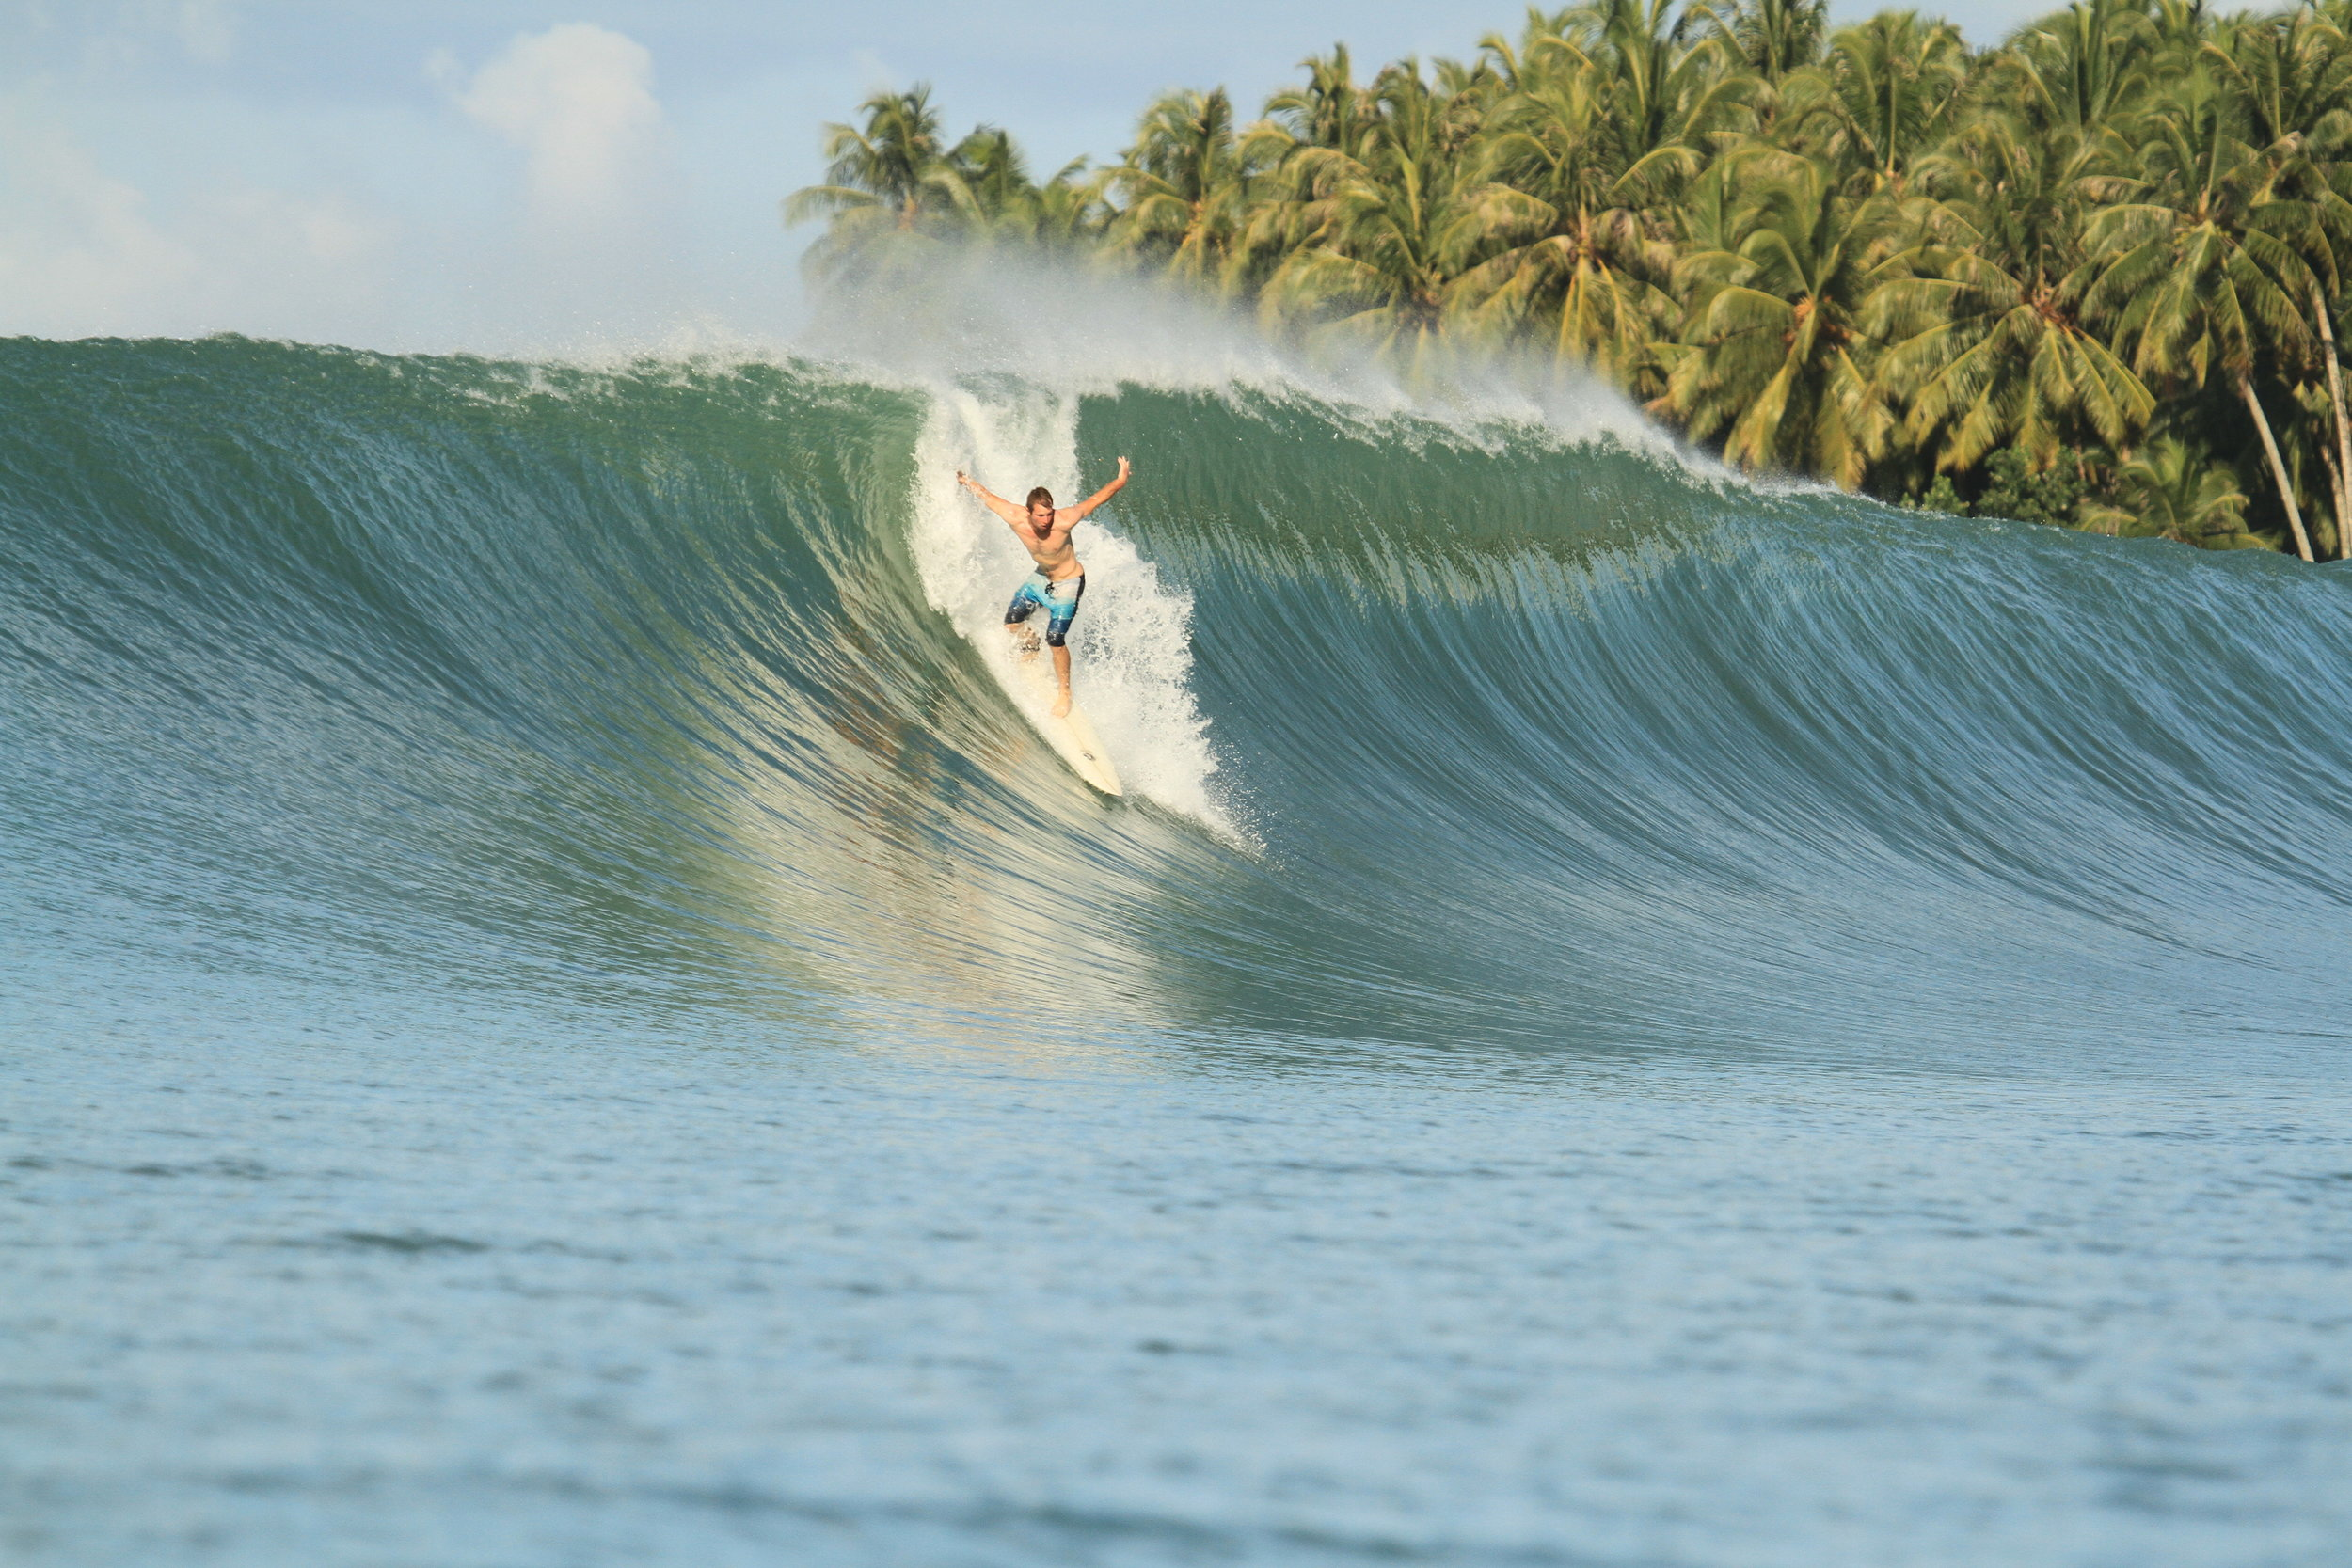 Sean Pollard surfing